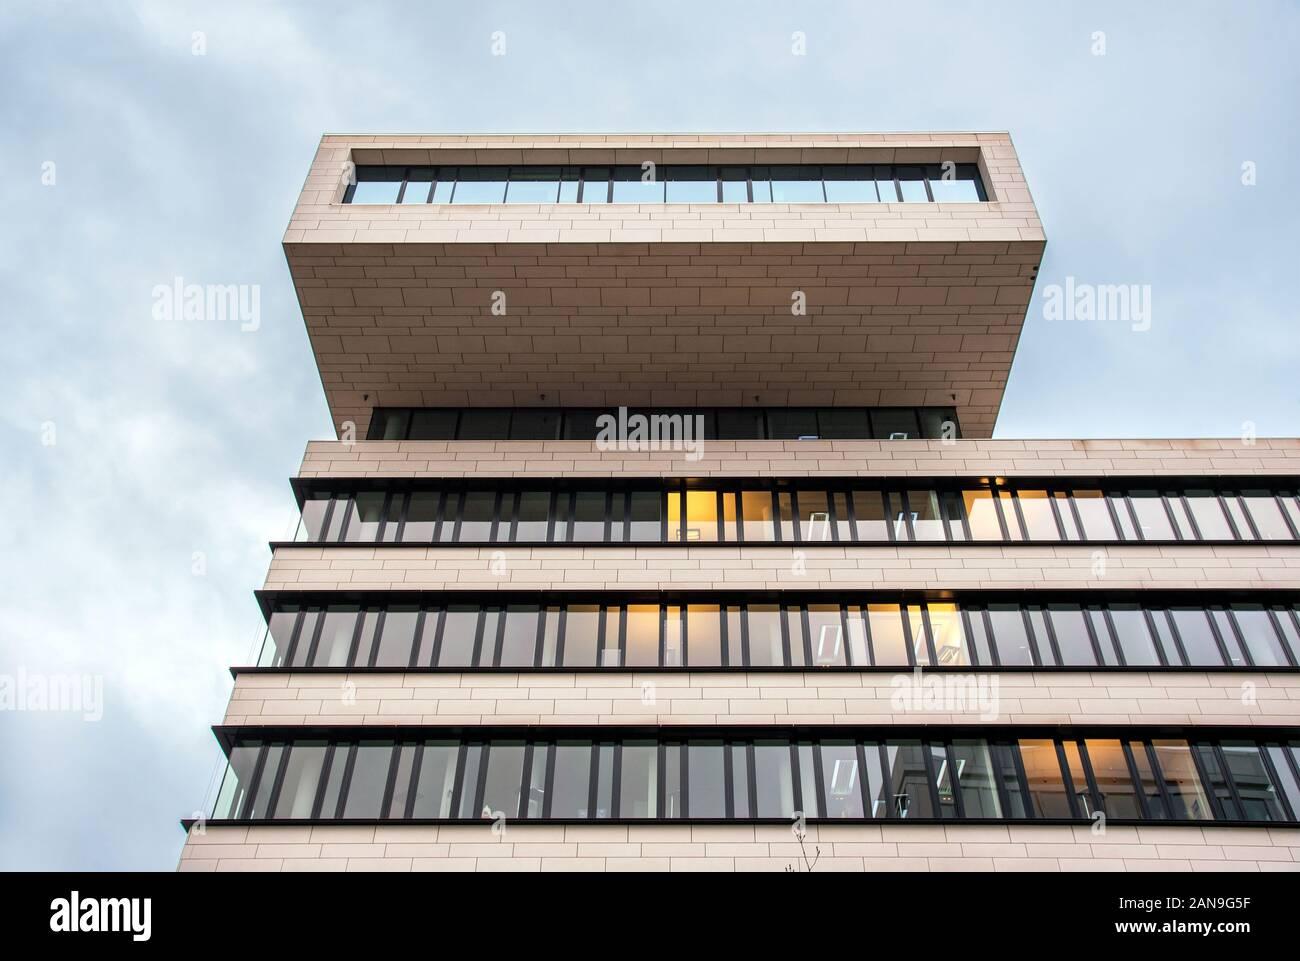 La arquitectura de diseño moderno edificio de oficinas con balcón en la parte superior, visto desde un ángulo bajo contra el cielo nublado Foto de stock